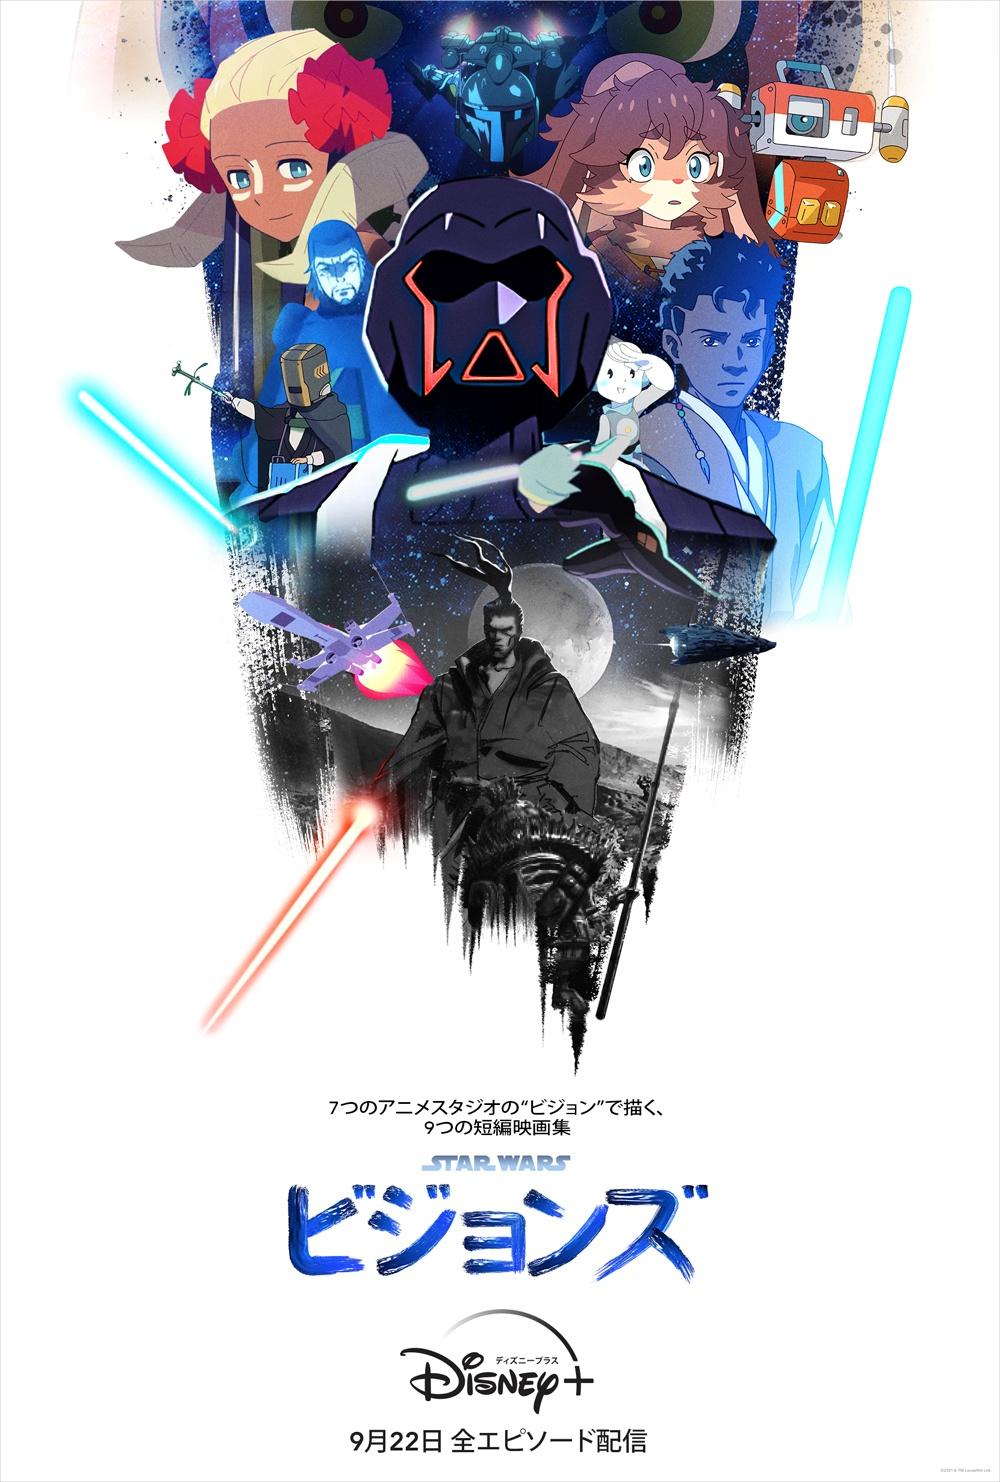 """全9作品の""""キーマン""""が勢揃いしたキービジュアルが公開 アニメ『スター・ウォーズ:ビジョンズ』 9月22日(水)よりディズニープラスにて独占配信開始"""